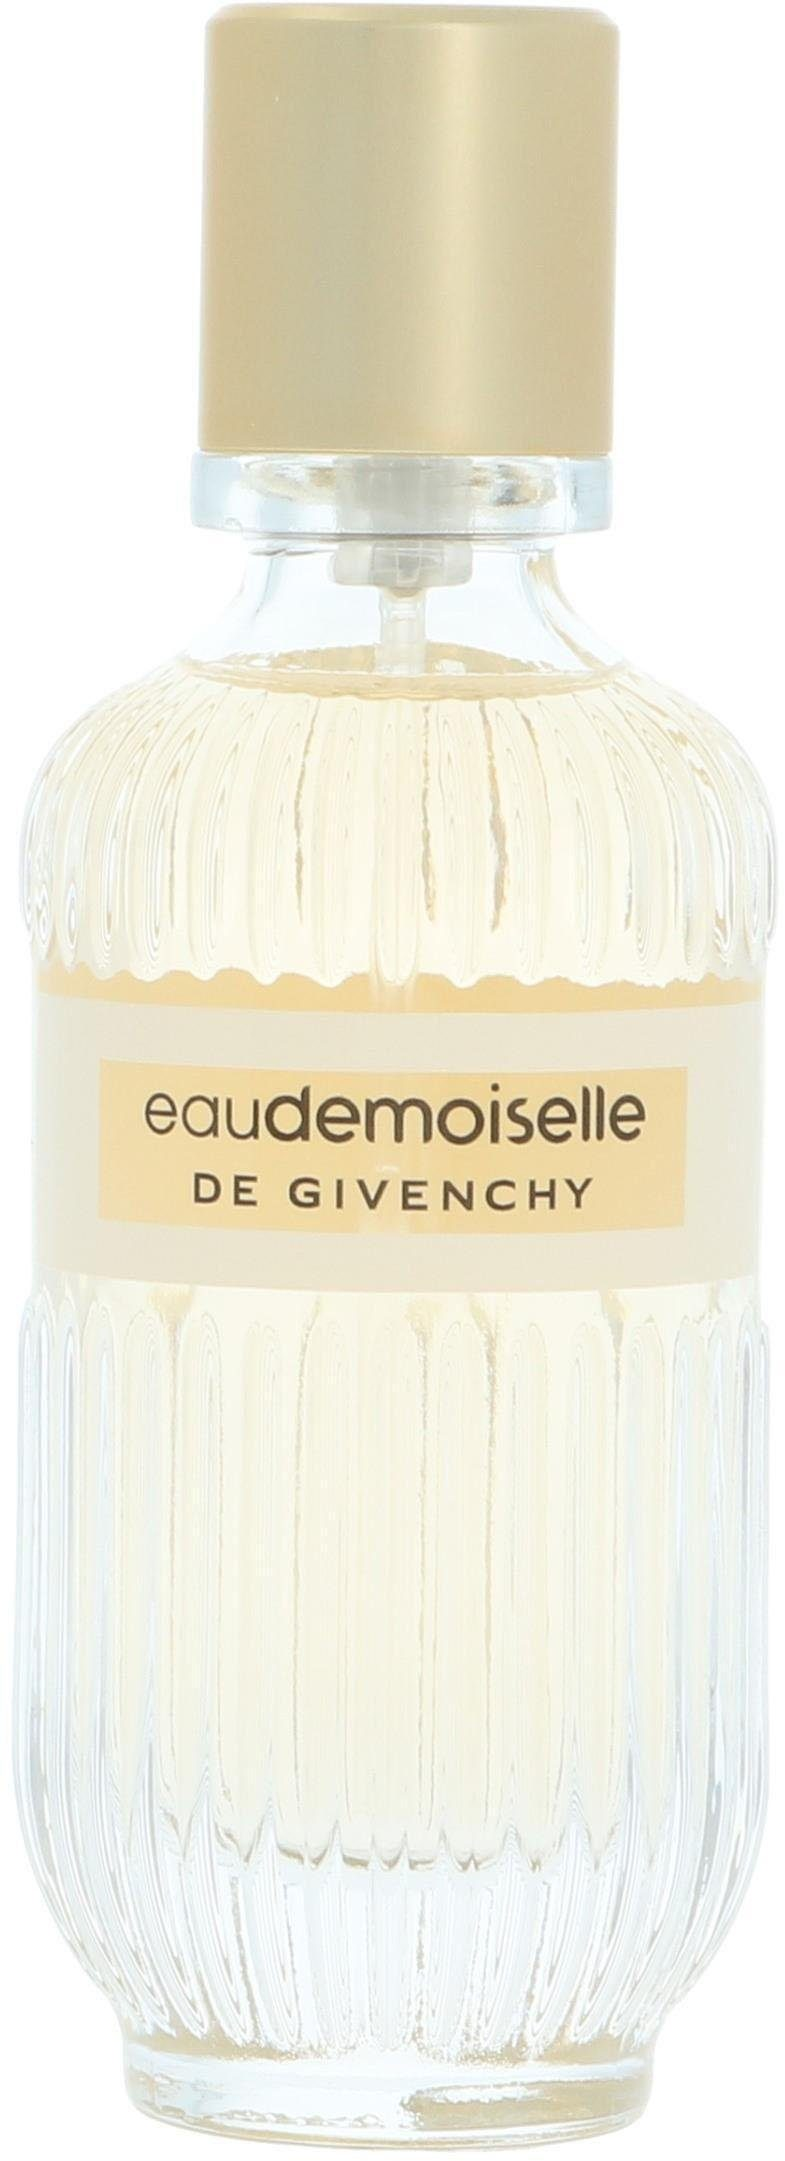 Givenchy, »Eau de Mademoiselle«, Eau de Toilette